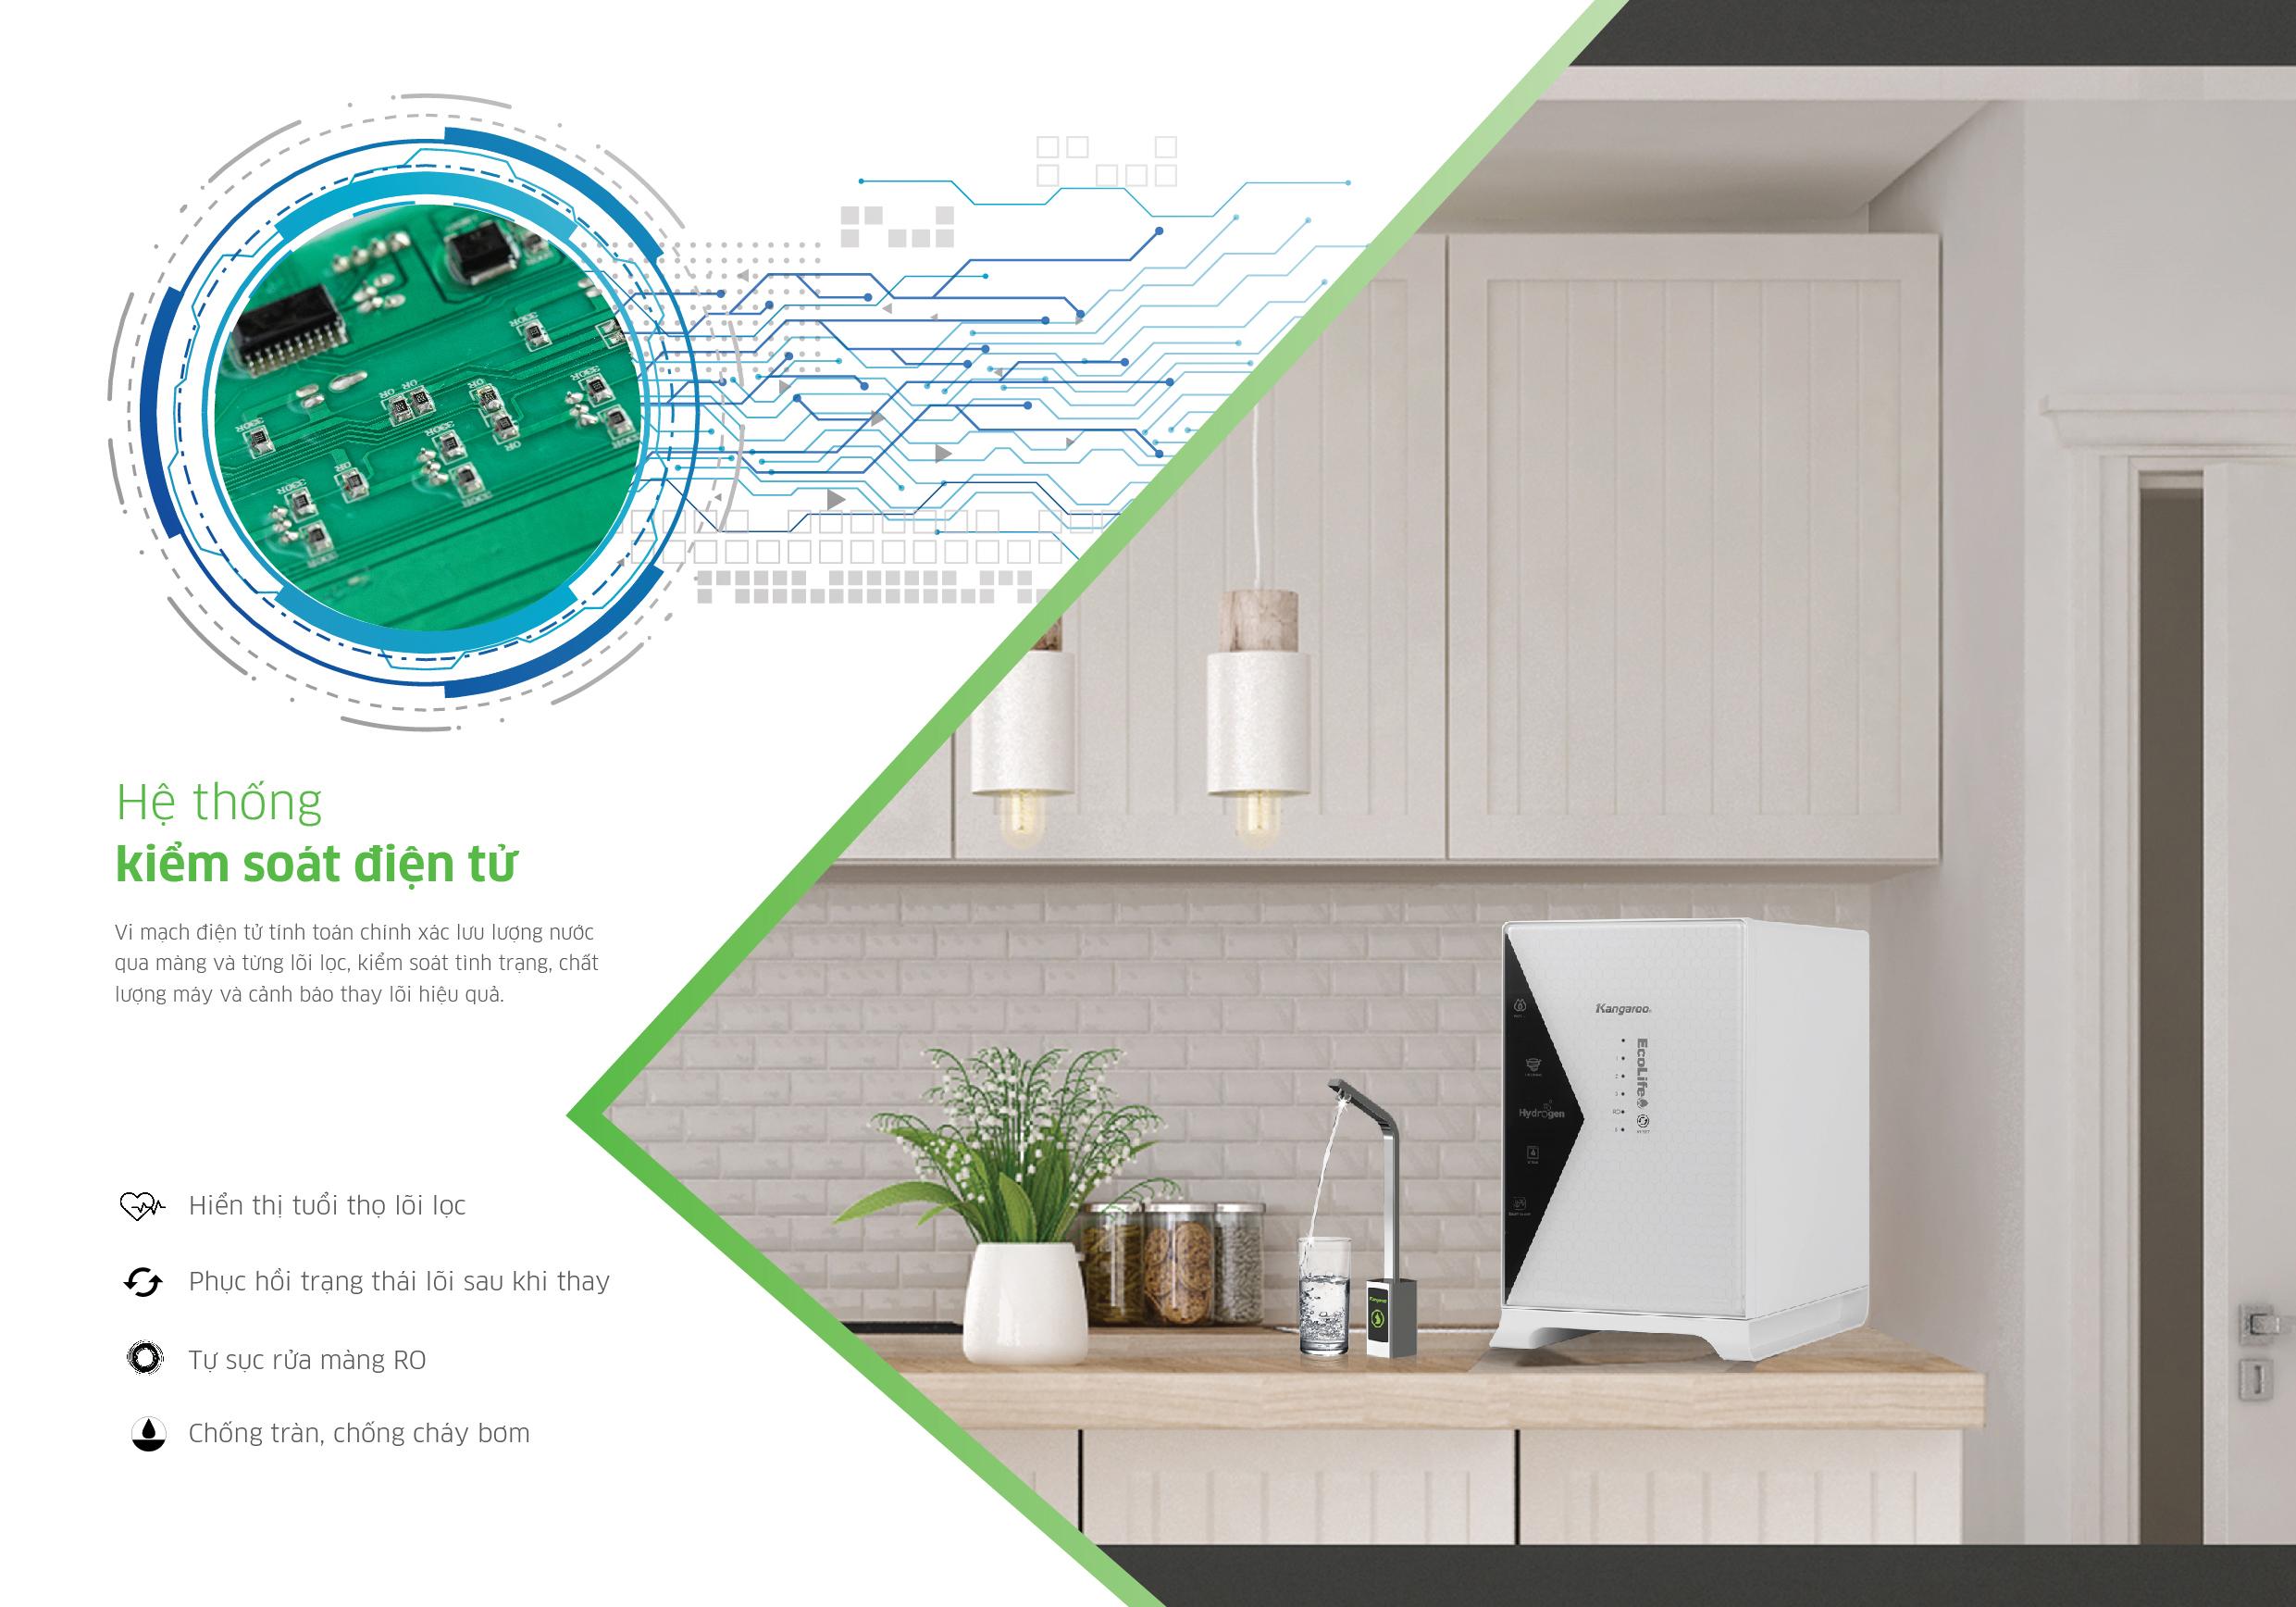 Hệ thống giám sát điện tử Kangaroo Hydrogen LUX Series